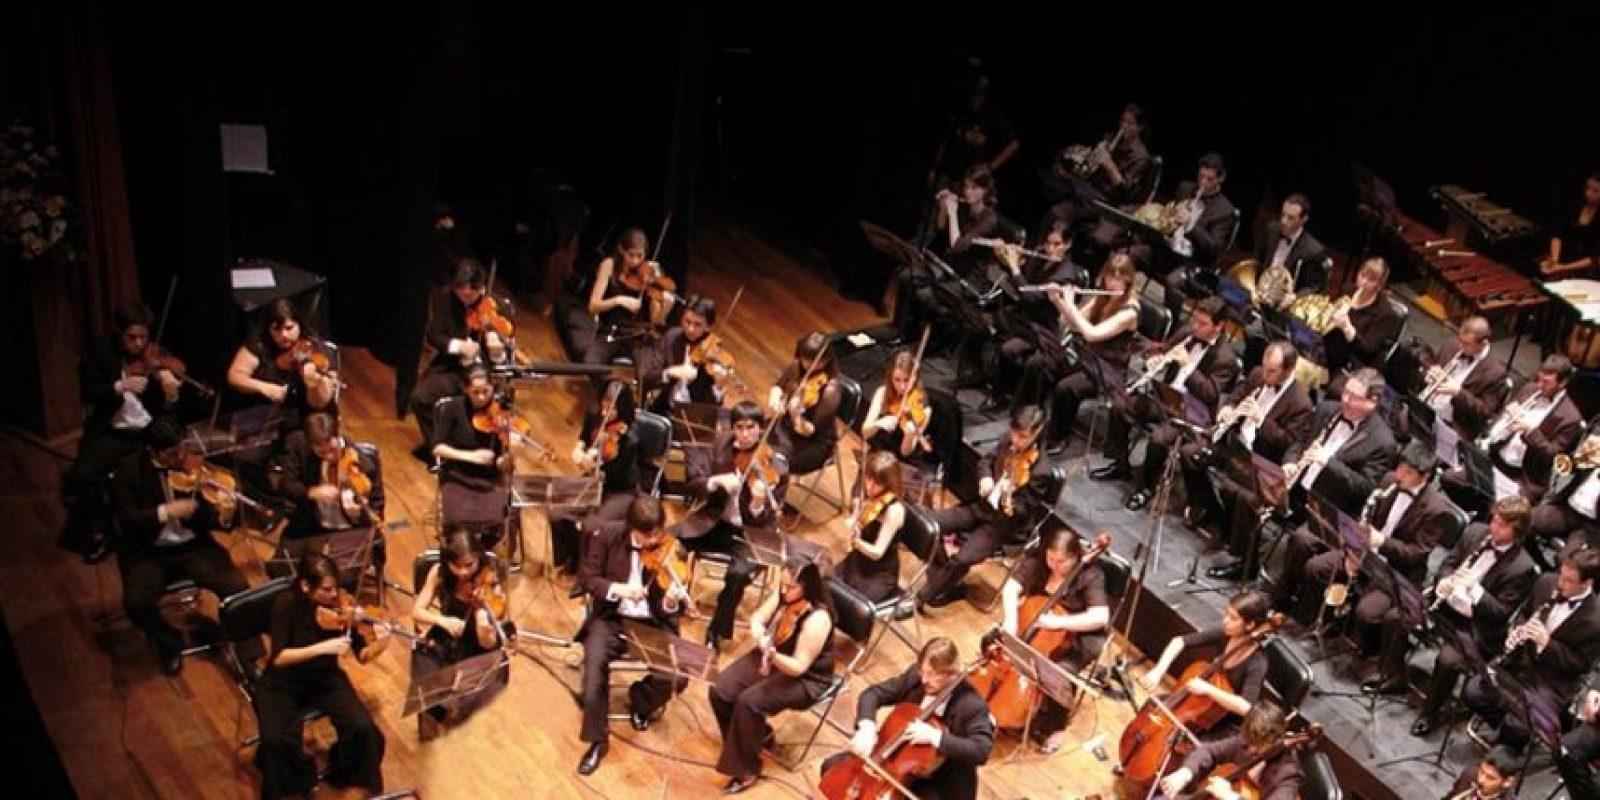 El 28 de octubre en la Capilla de los Remedios será el primer recital. Foto:Fuente externa